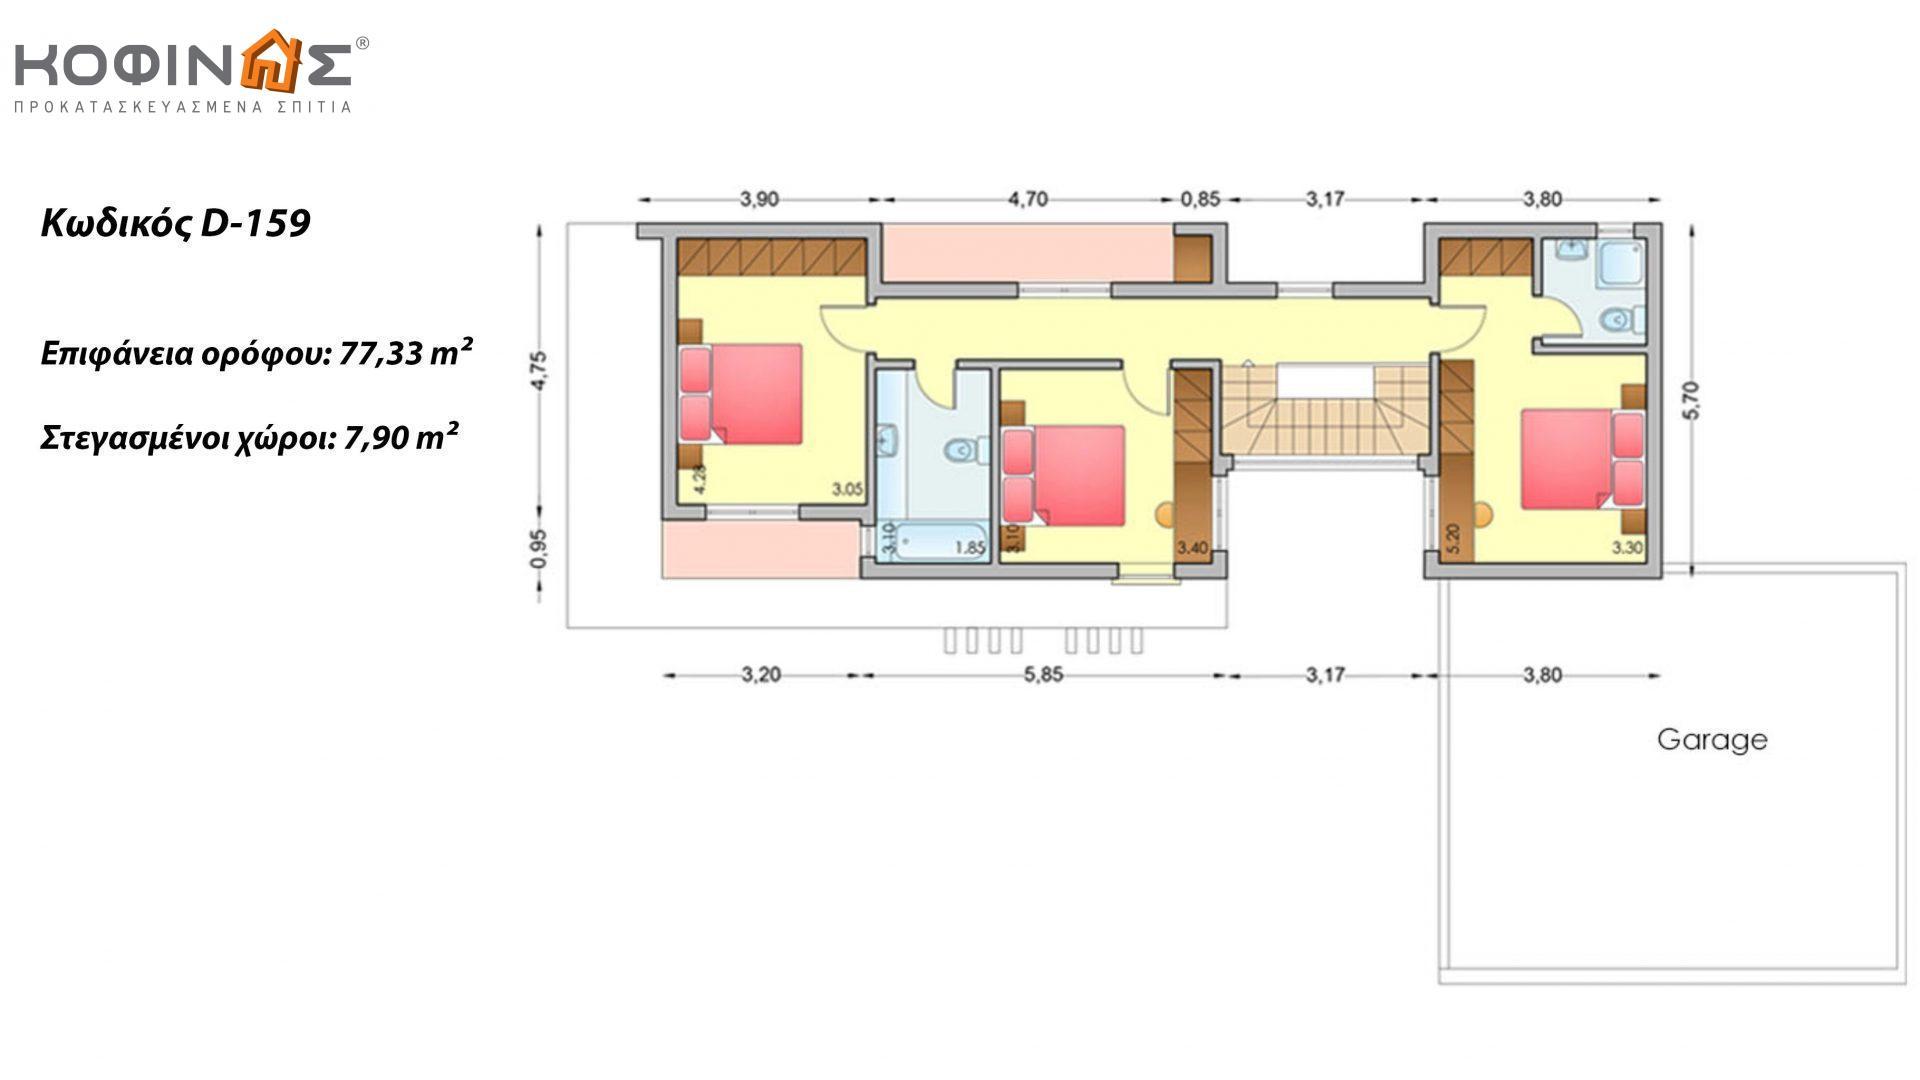 Διώροφη Κατοικία D-159, συνολικής επιφάνειας 159,96 τ.μ., +Γκαράζ 34.44 m²(=194.40 m²),συνολική επιφάνεια στεγασμένων χώρων 34.32 τ.μ.